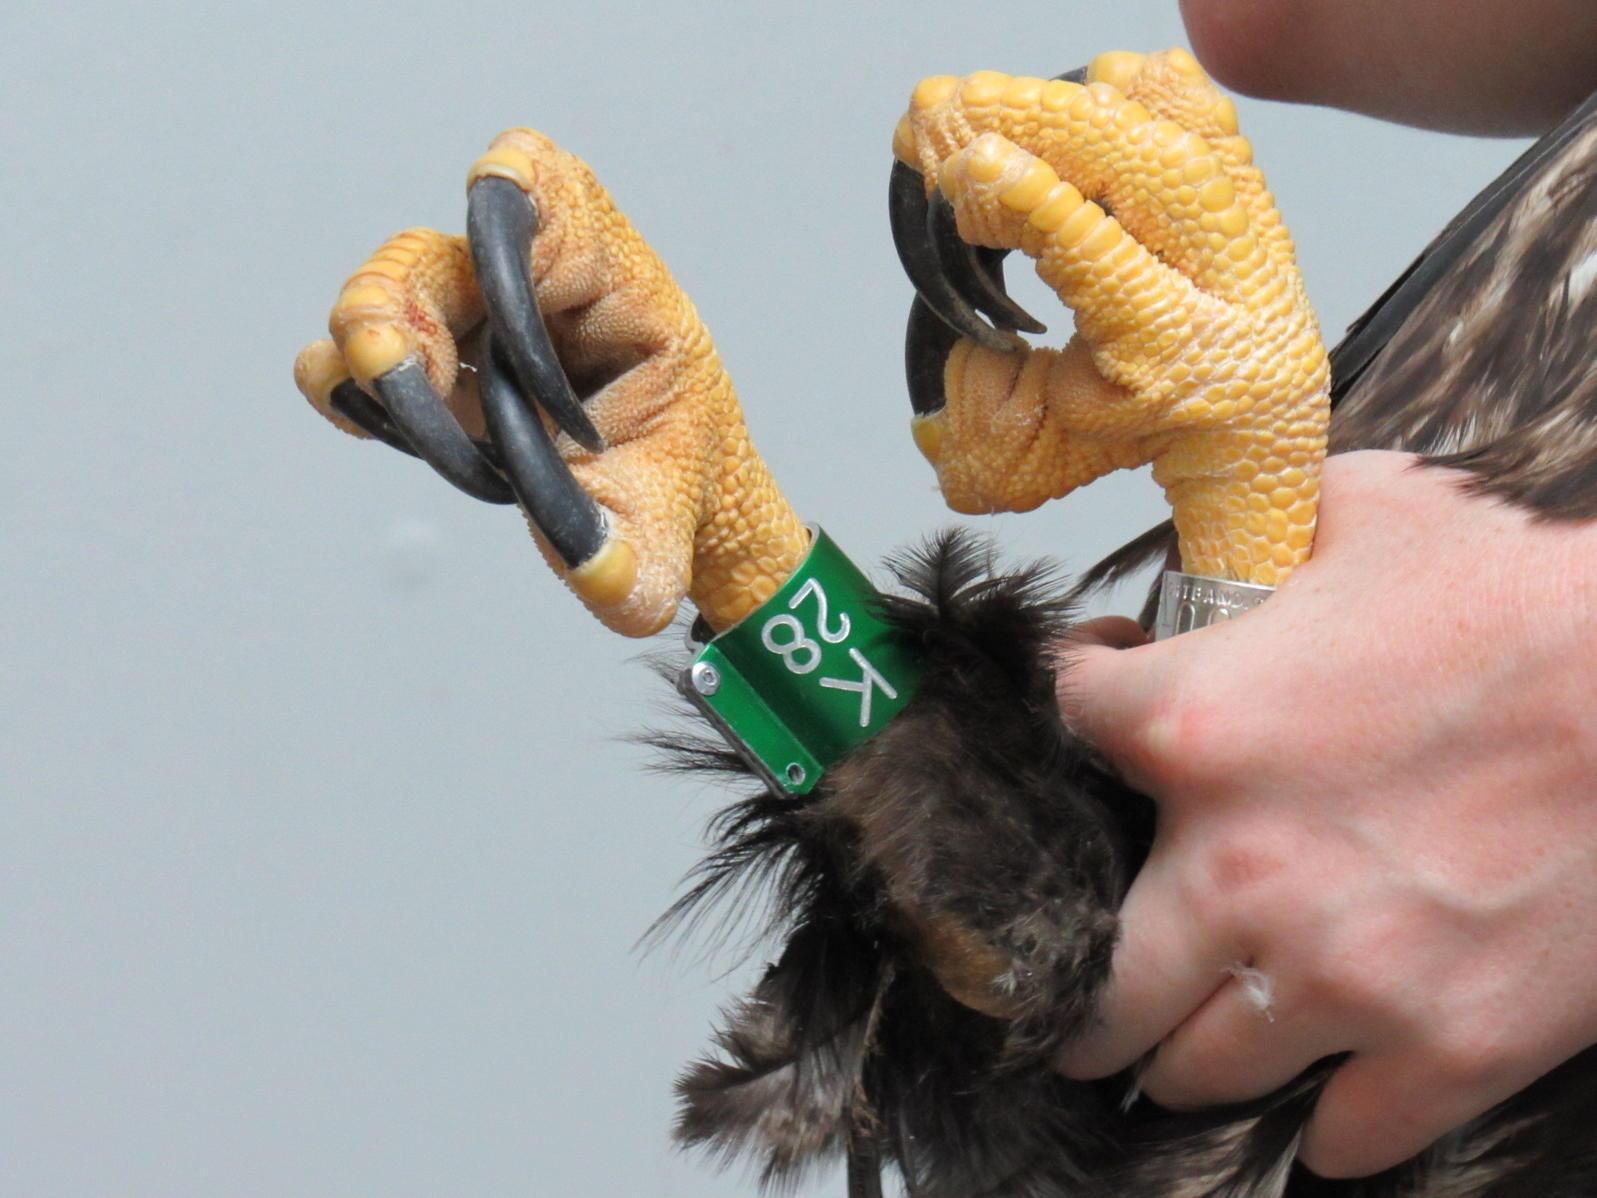 Tagging a bald eagle.